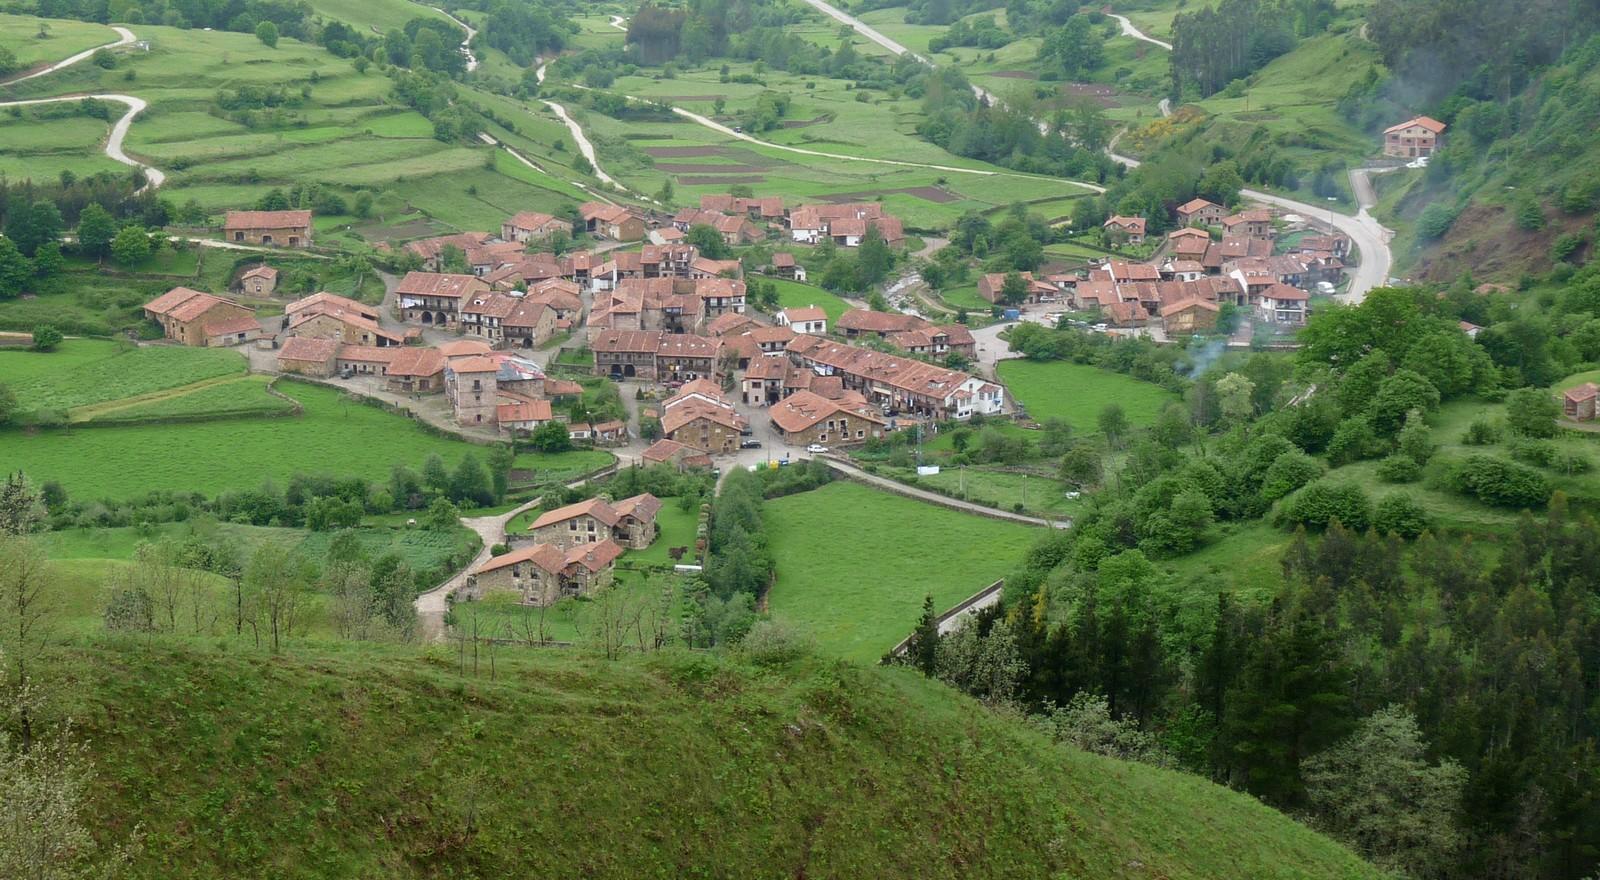 La aldea San Sebastián de Garabandal, donde Apareció la Virgen de 1961 a 1965